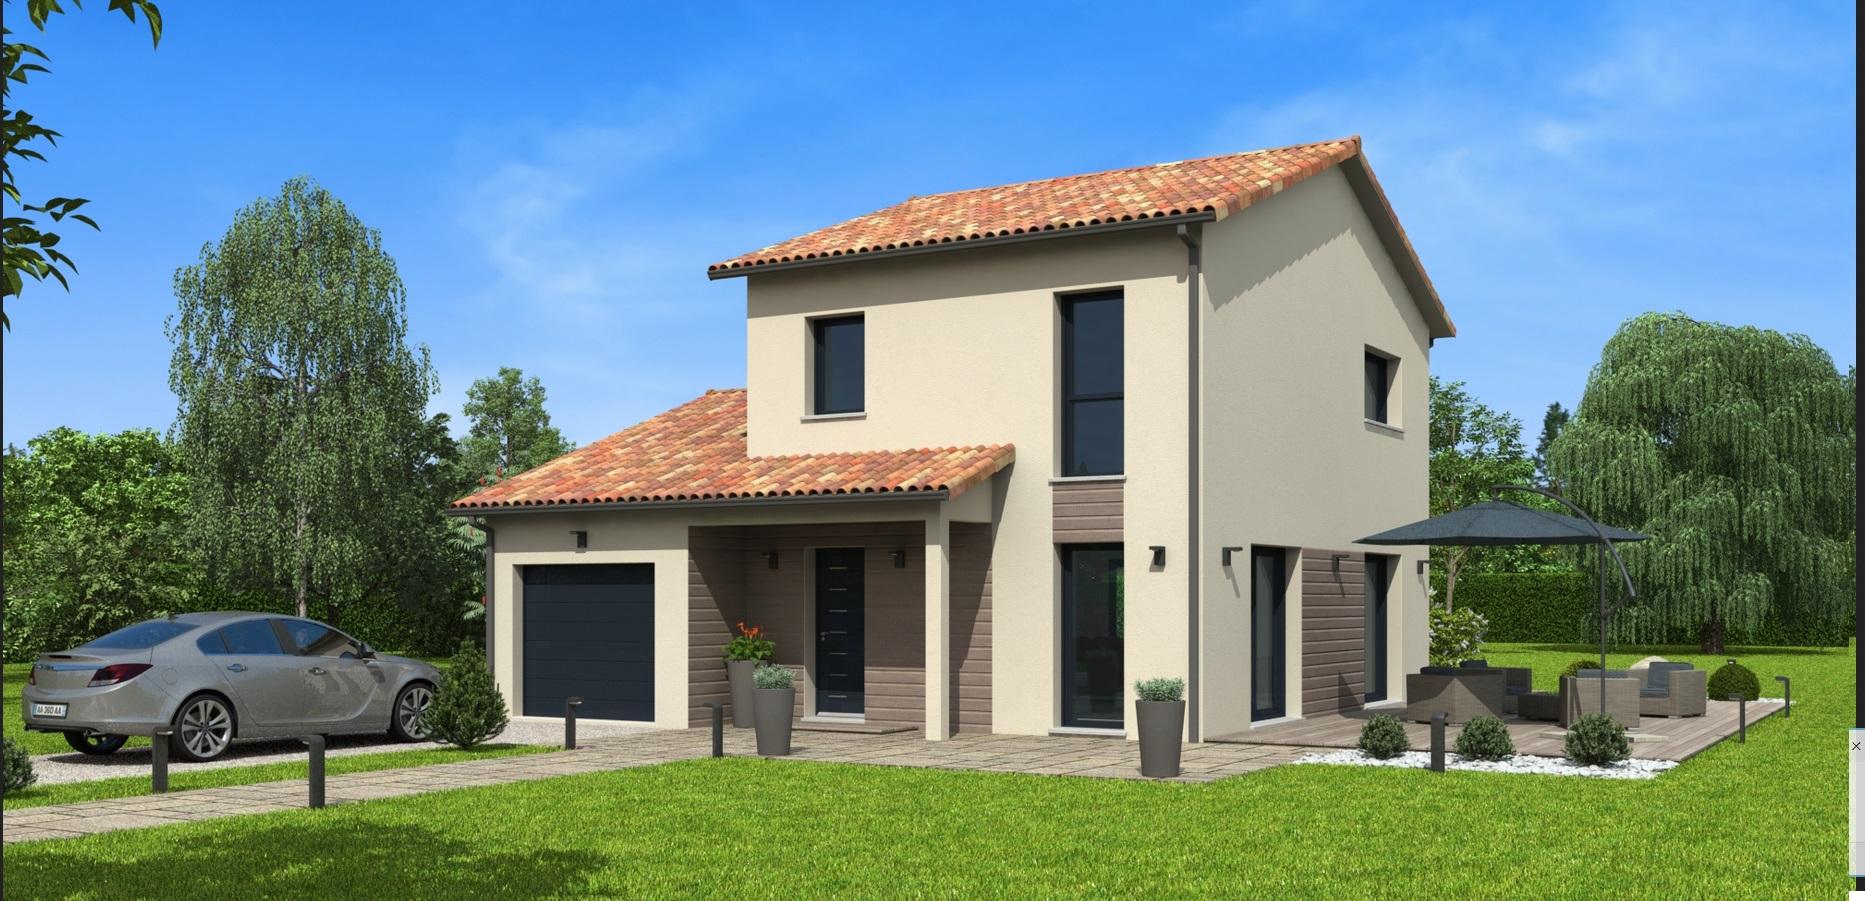 Maisons du constructeur NATILIA AVIGNON • 98 m² • VAISON LA ROMAINE